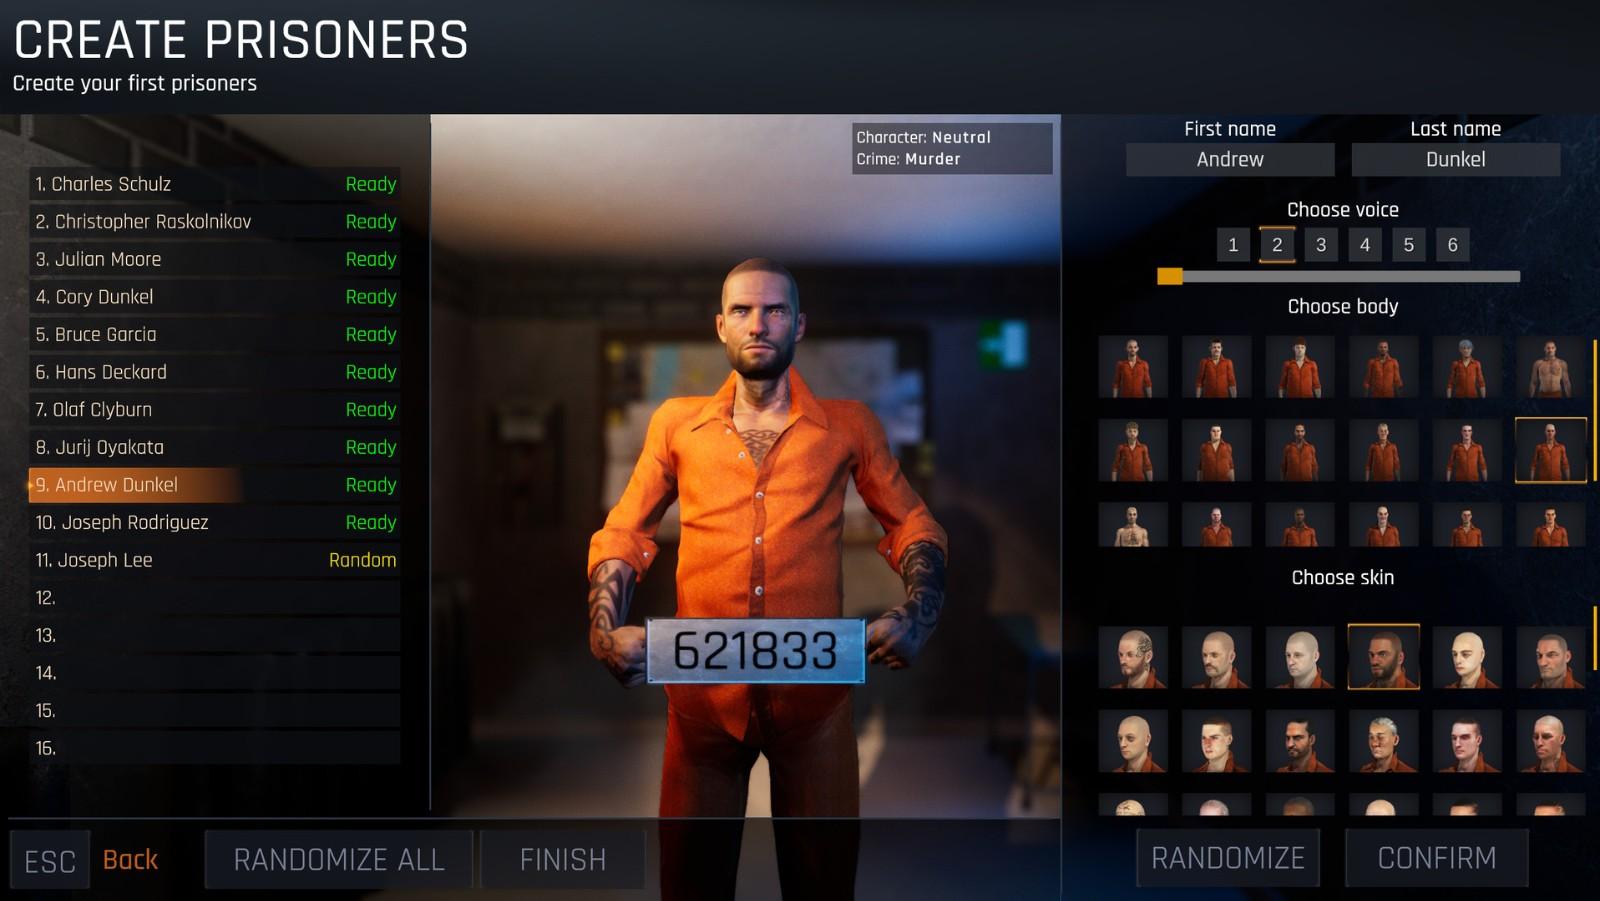 《监狱模拟器:序章》将于5月20日在Steam免费推出